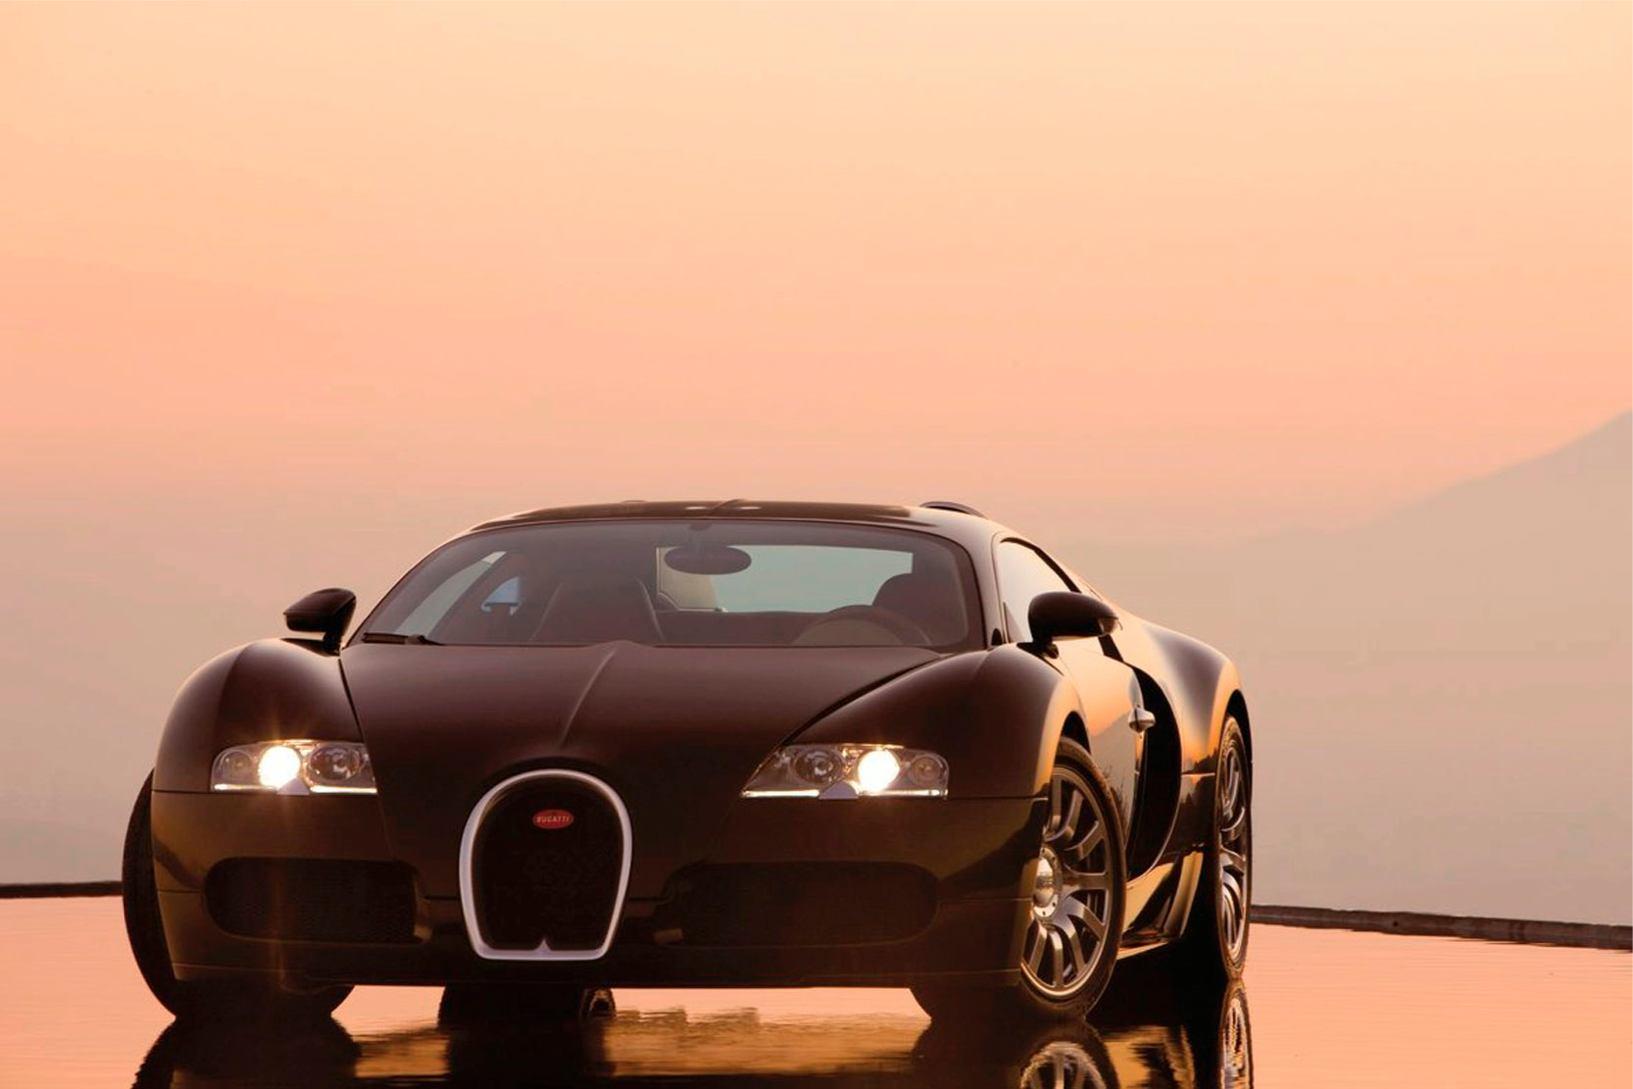 Les nouvelles photos de : Veyron-2009